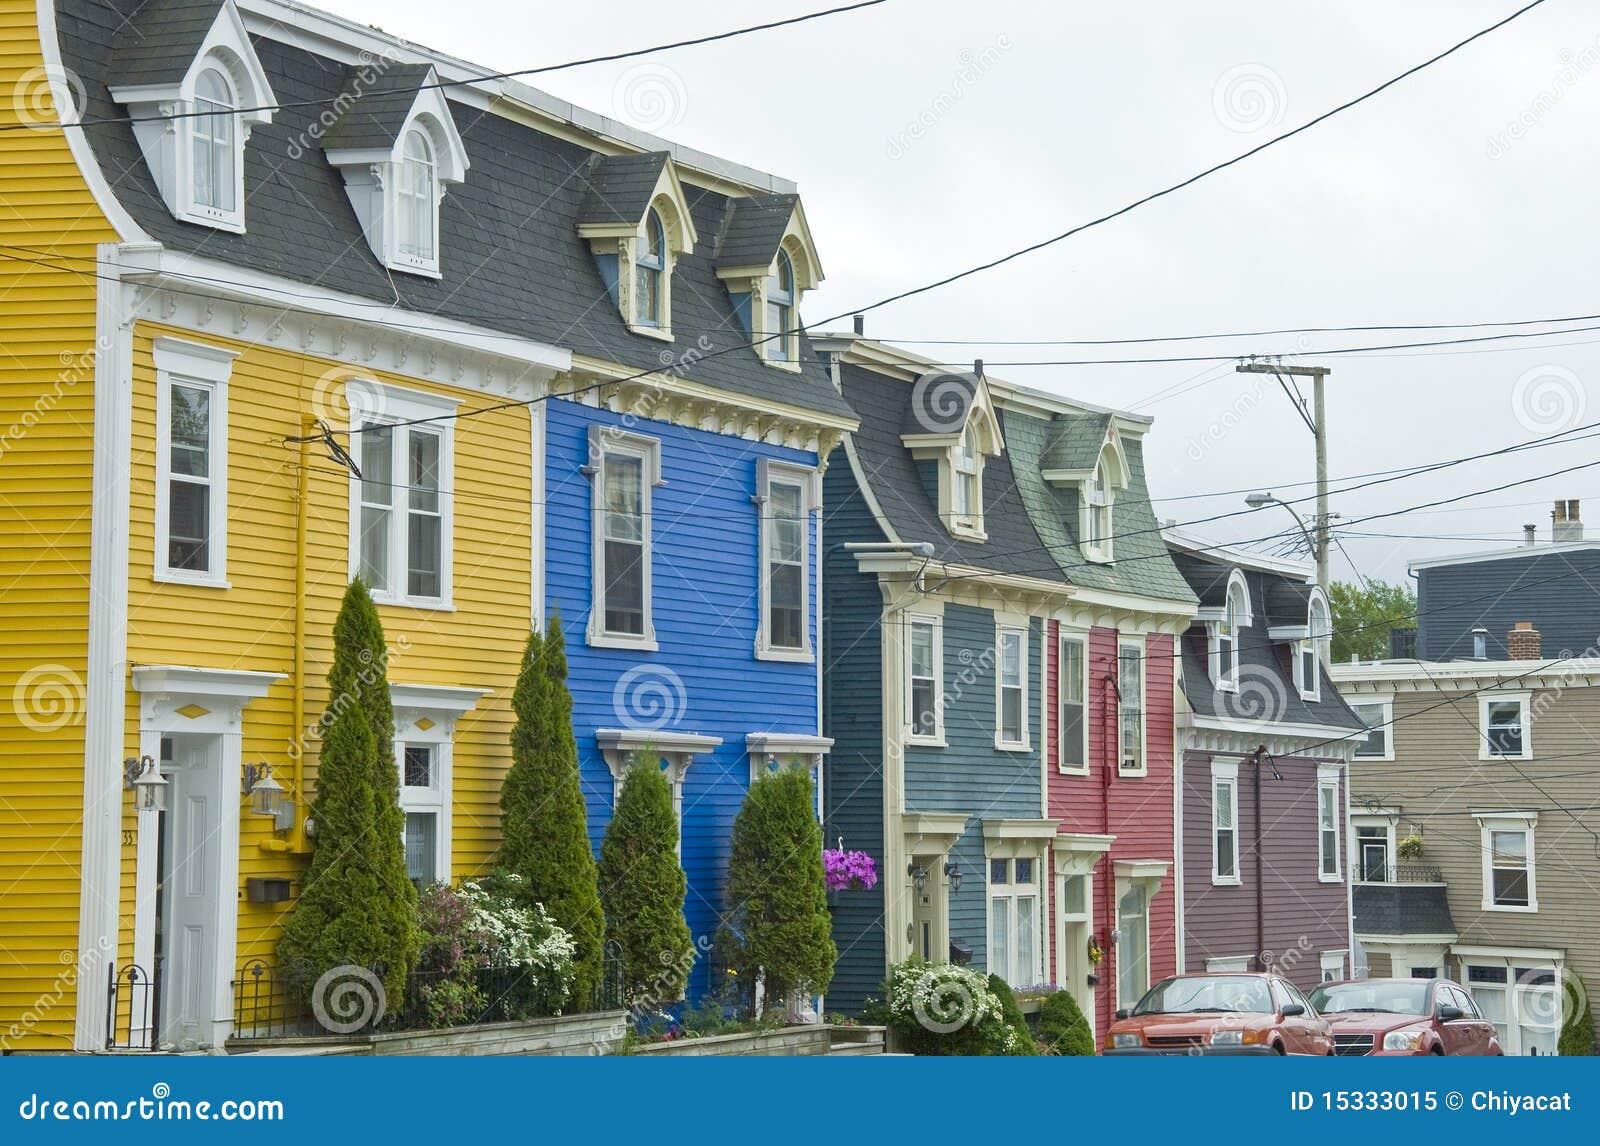 Jelly Bean Row >> Jelly Bean Row Houses, St. John's Stock Image - Image: 15333015